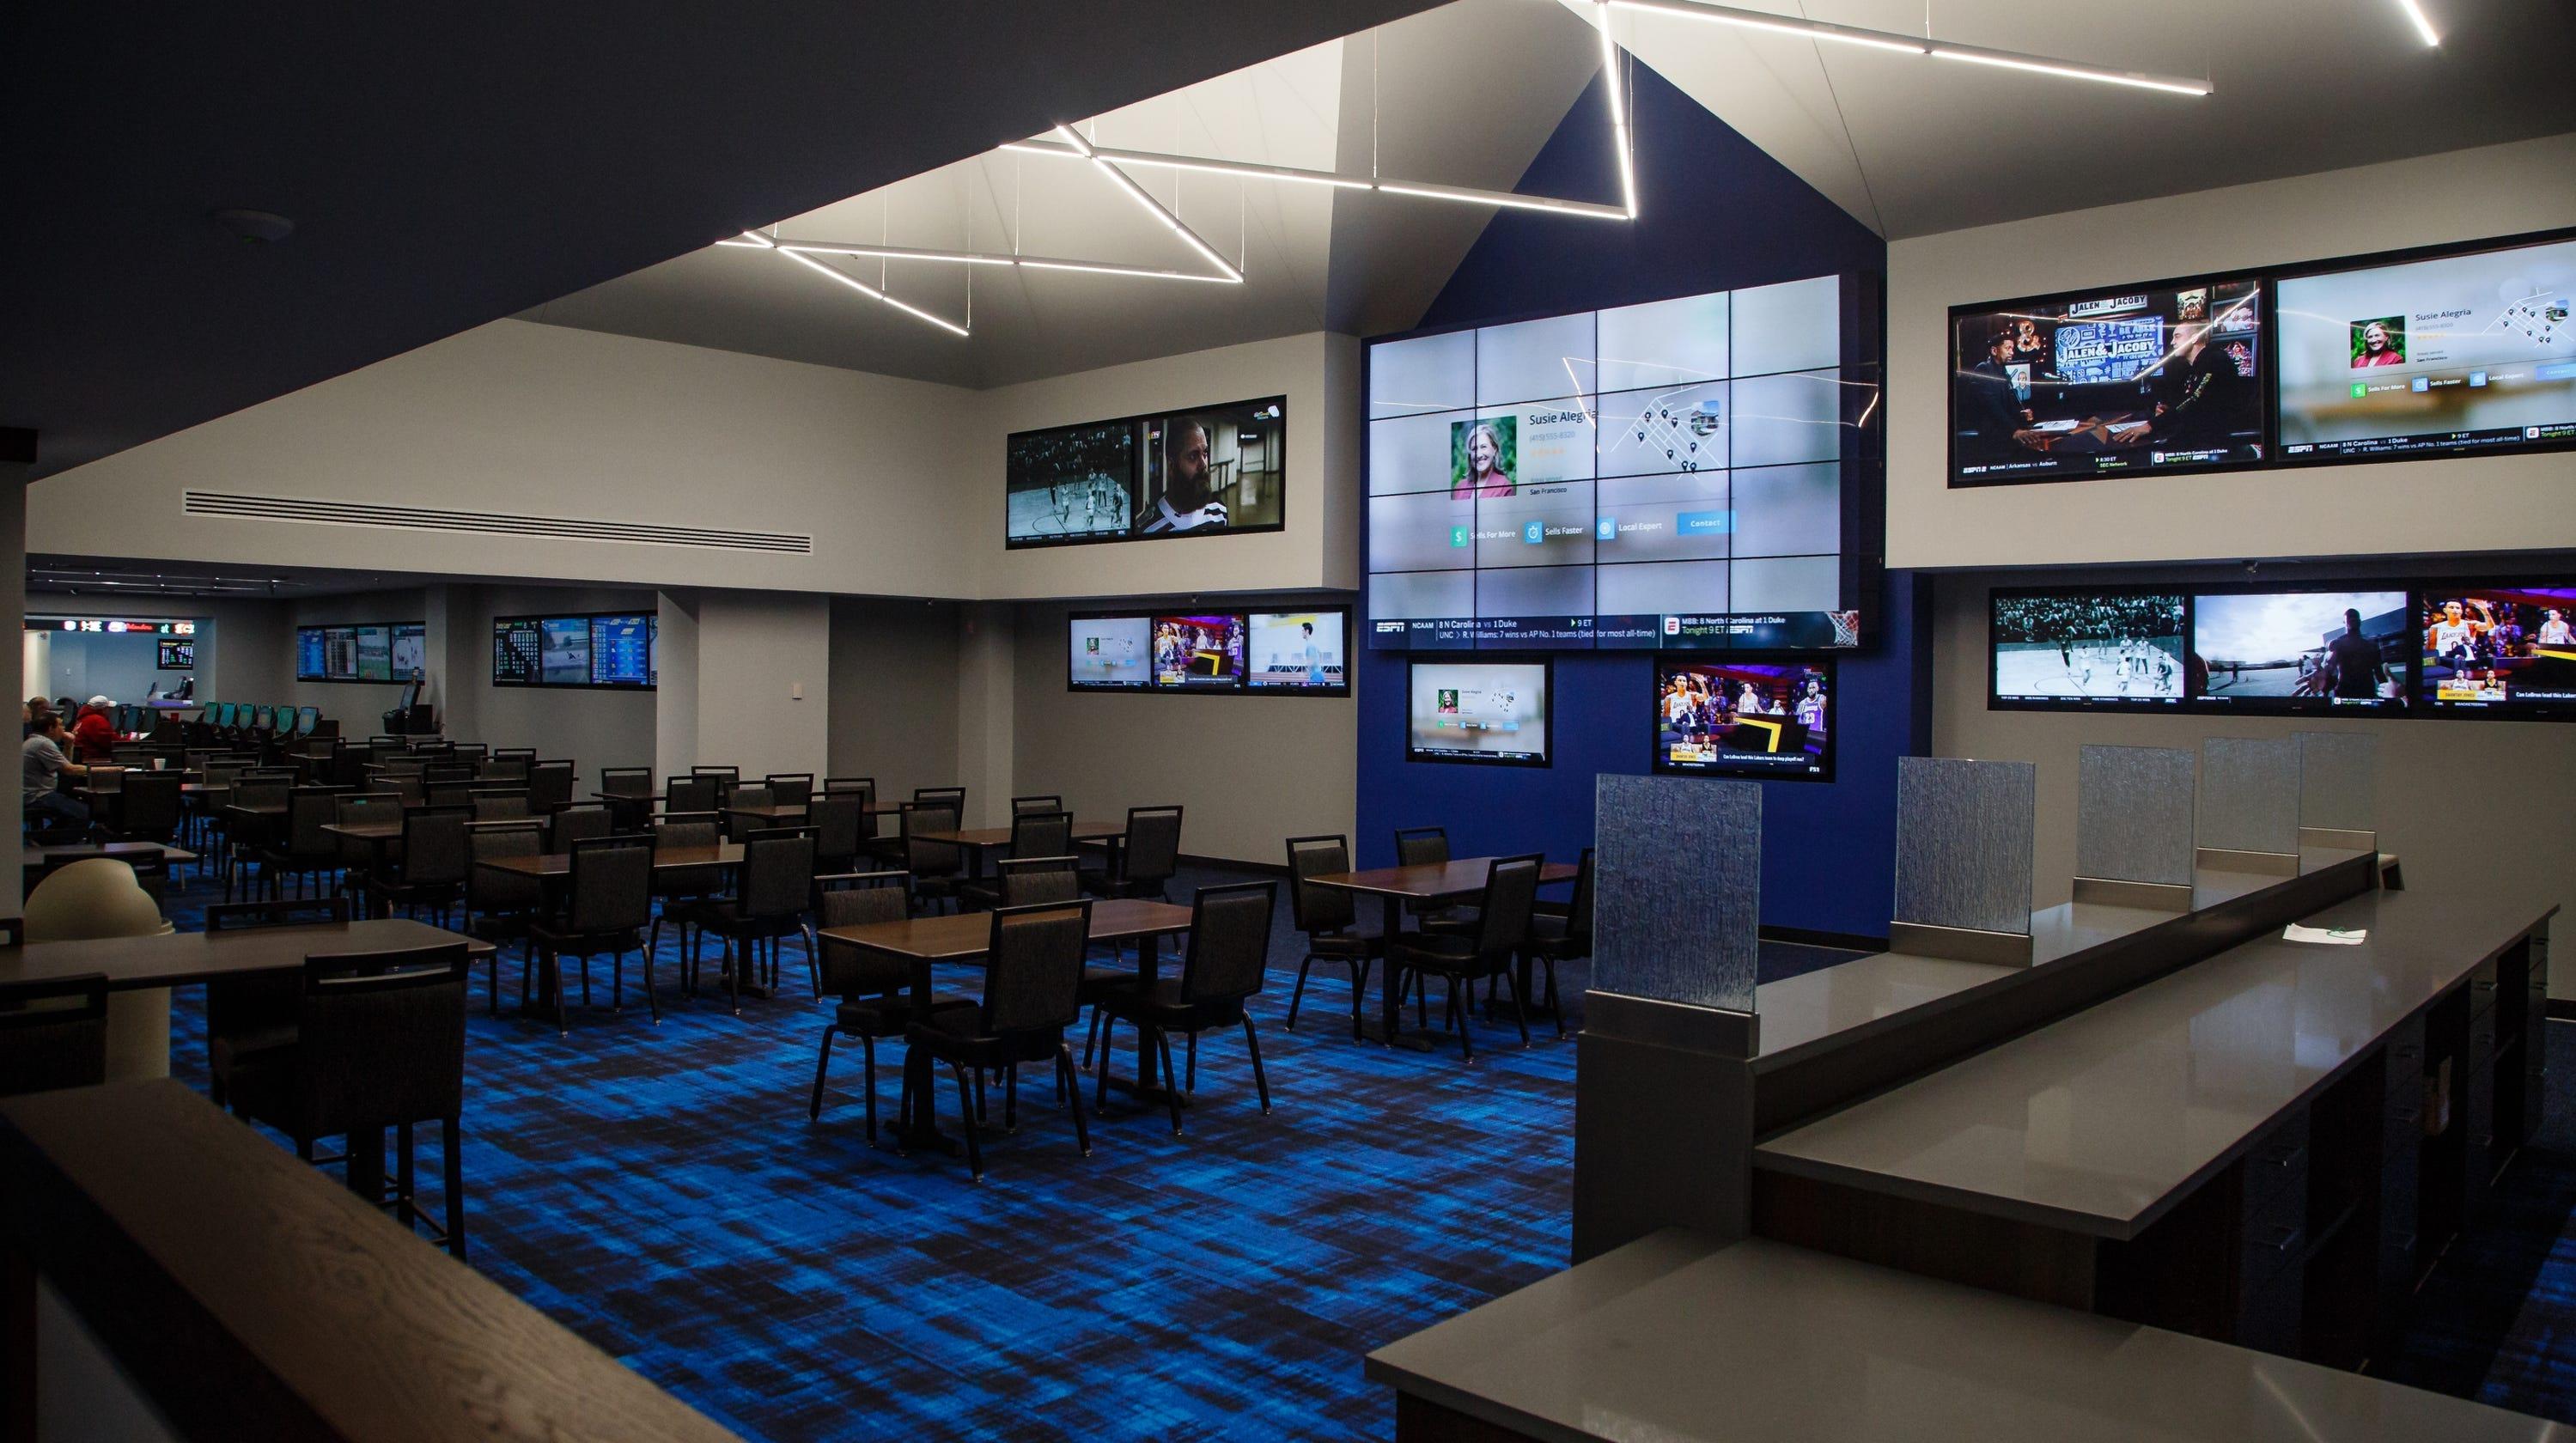 Sports gambling: Prairie Meadows builds Iowa's first sportsbook